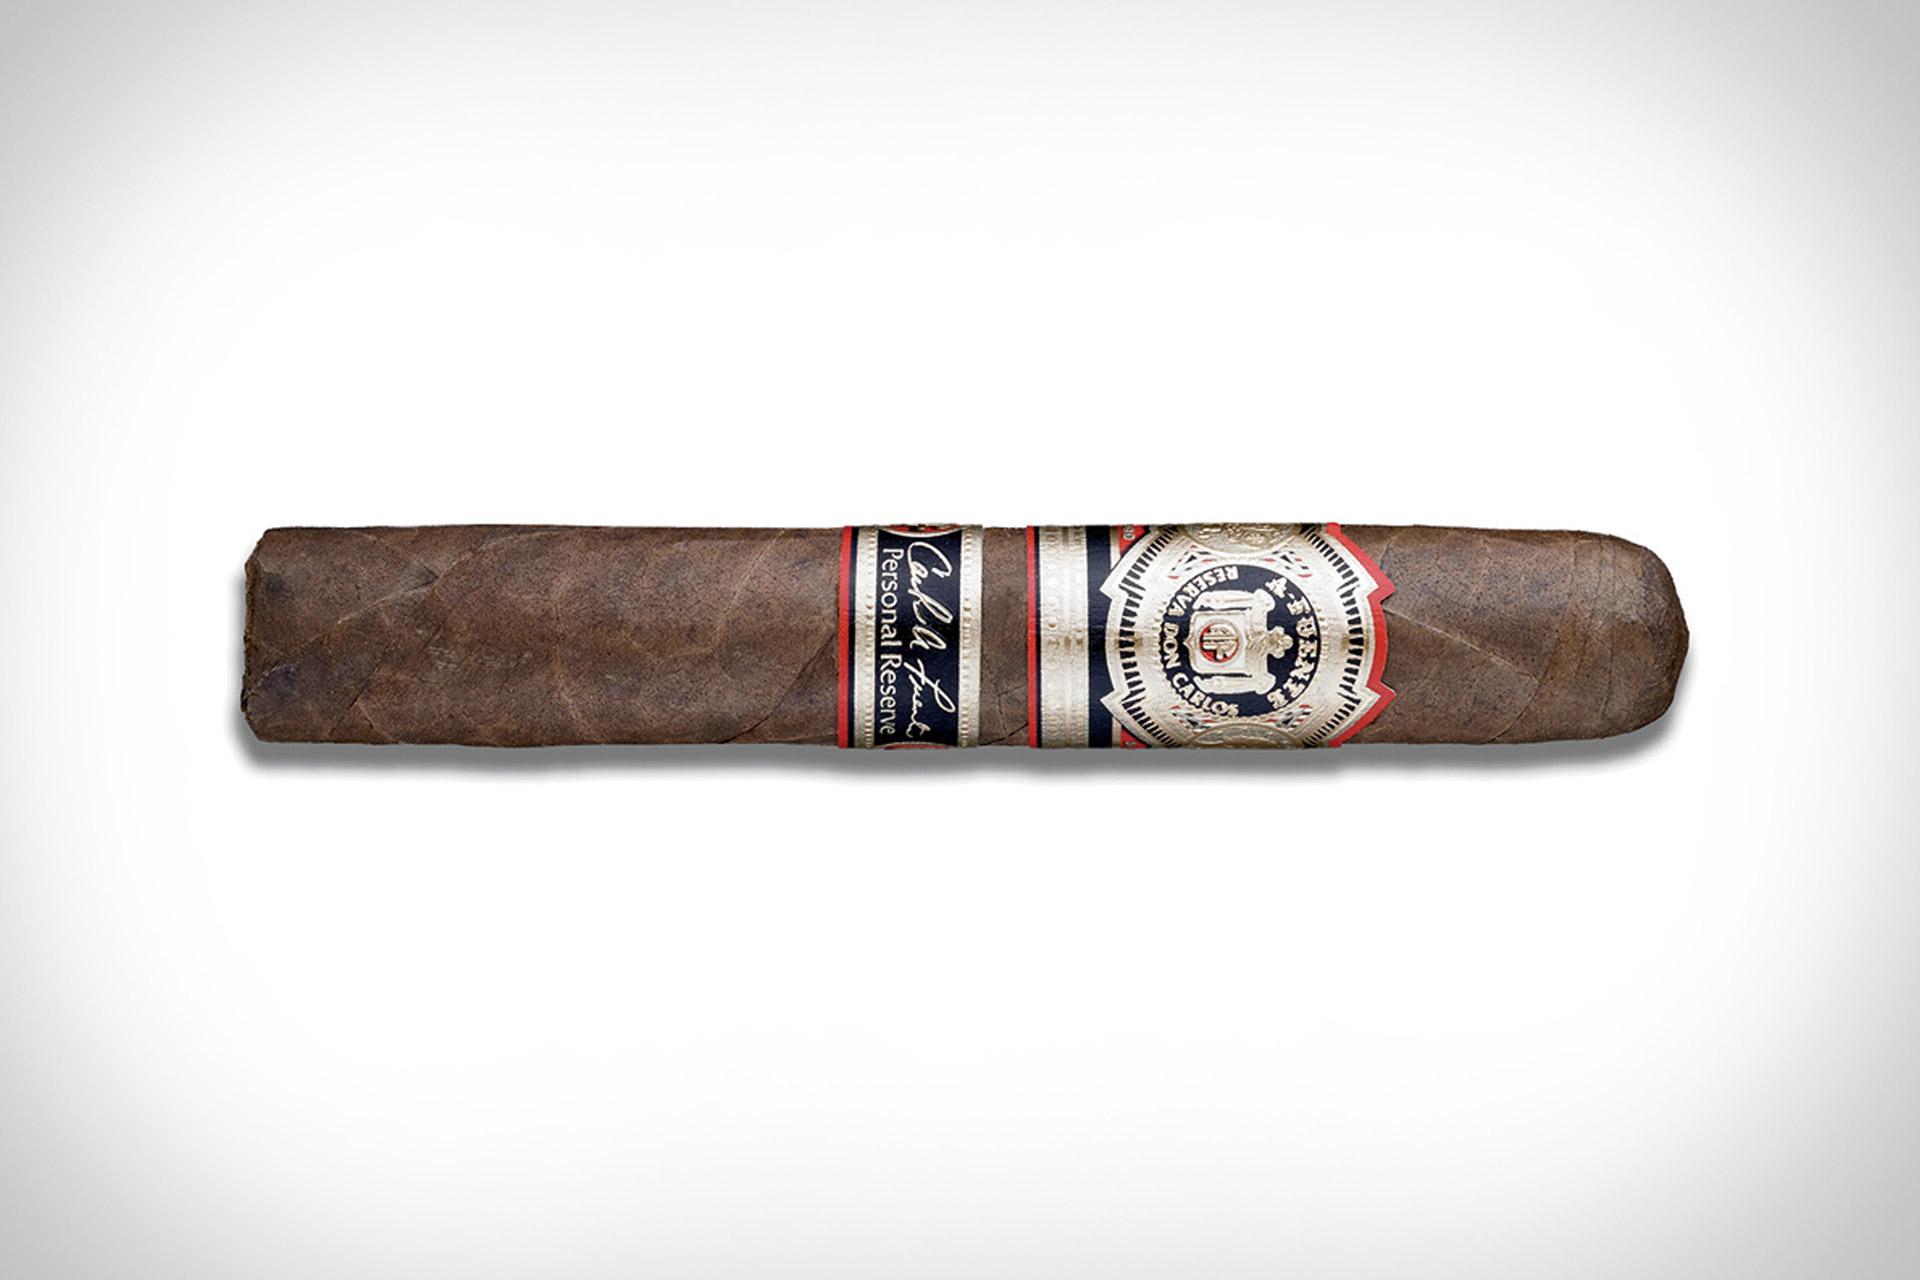 Arturo Fuente Don Carlos Personal Reserve Cigar